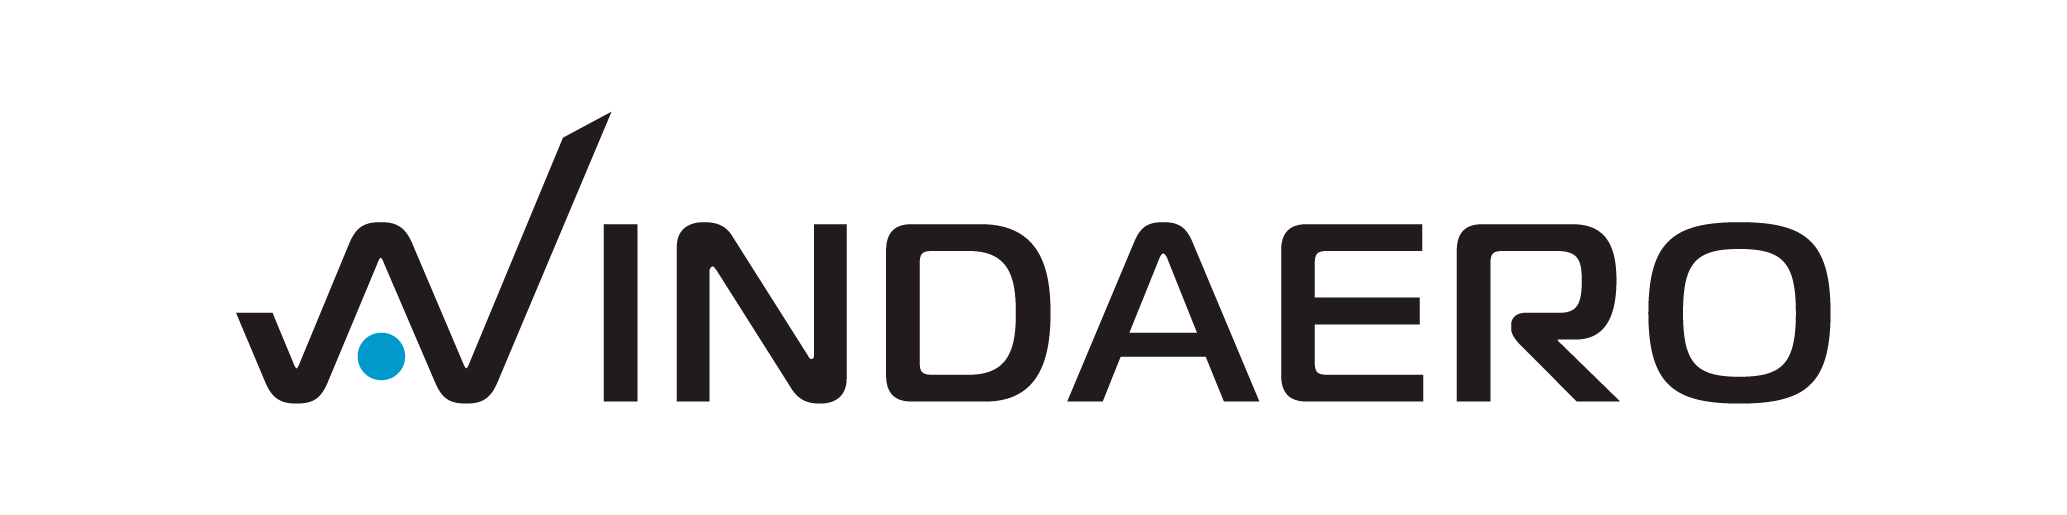 Windaero LLC